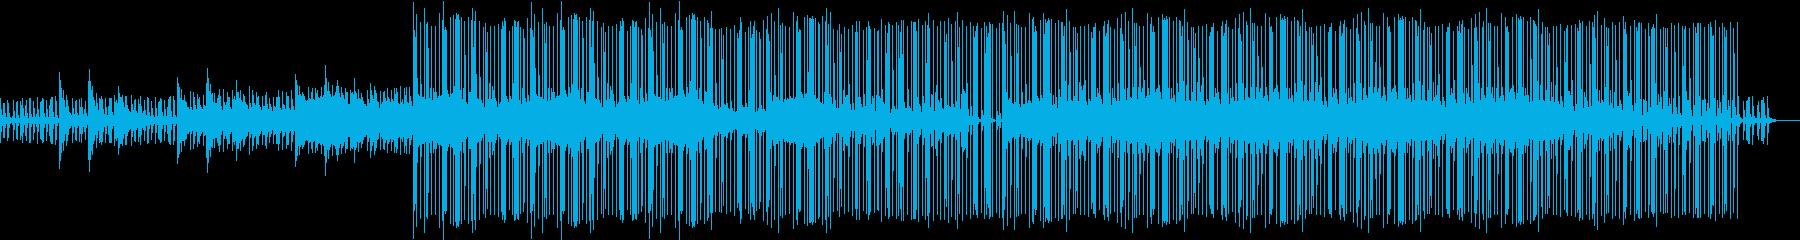 現代音楽・ミニマル的ピアノメインインストの再生済みの波形